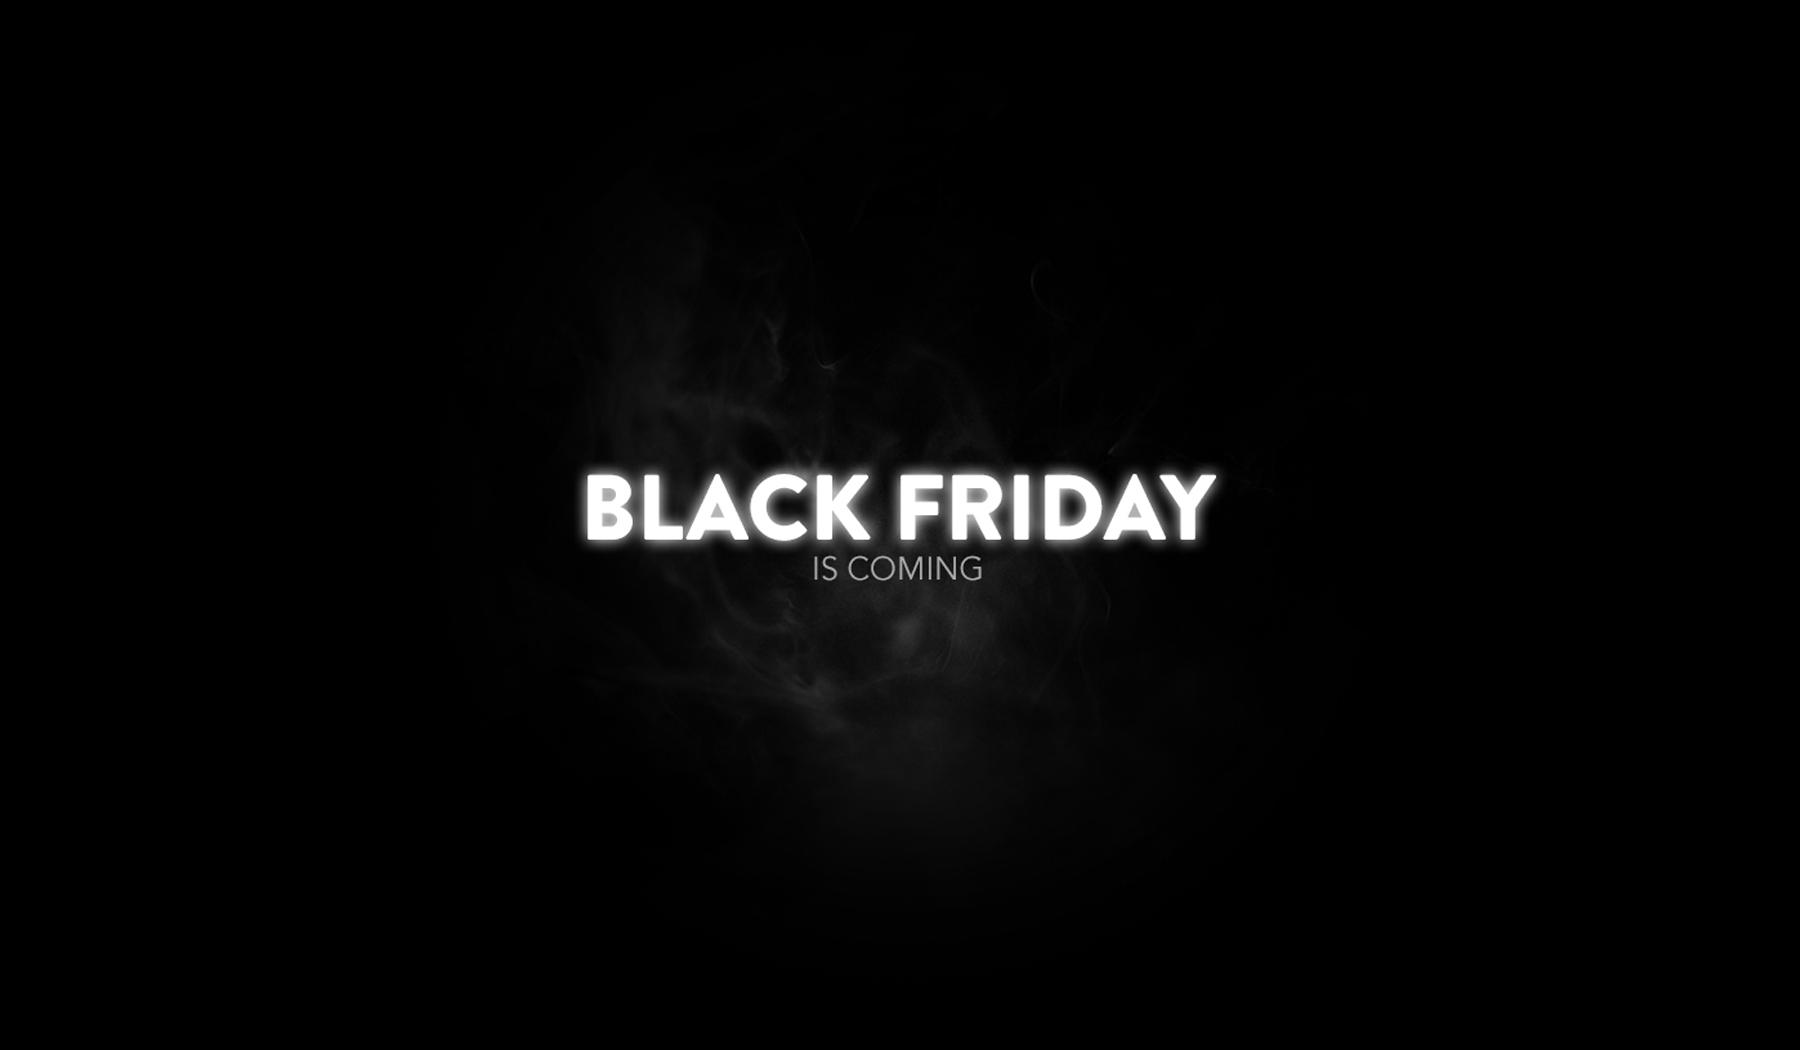 Black Friday Details For 2019 Bad Dragon